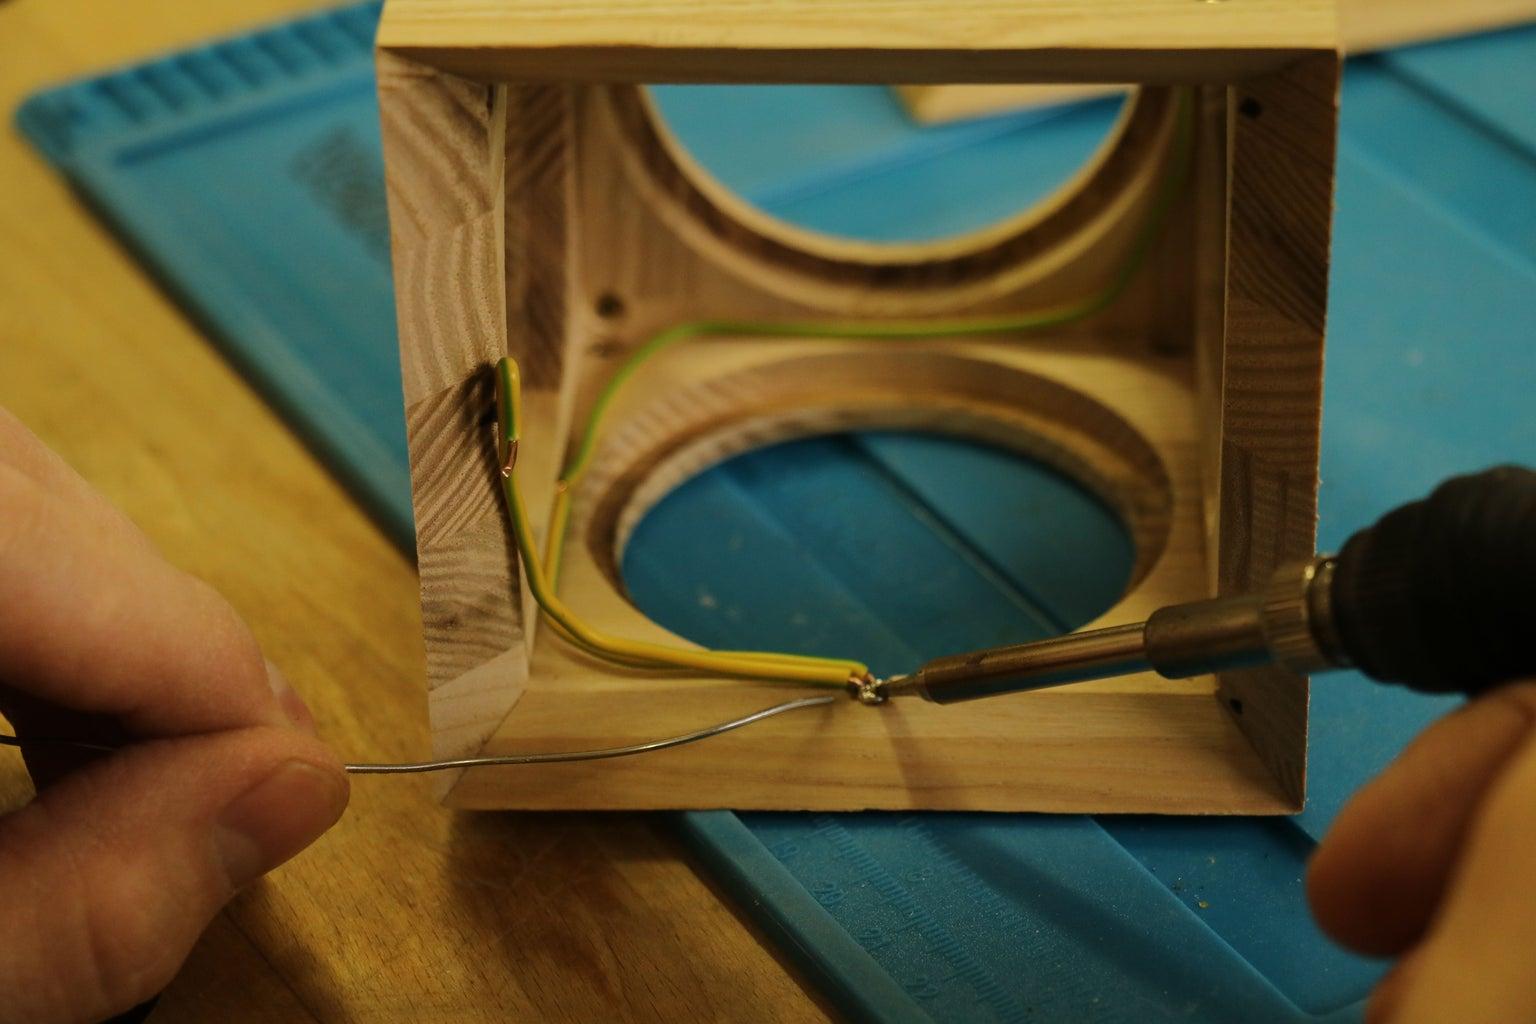 Wire Preparing & Pre-soldering